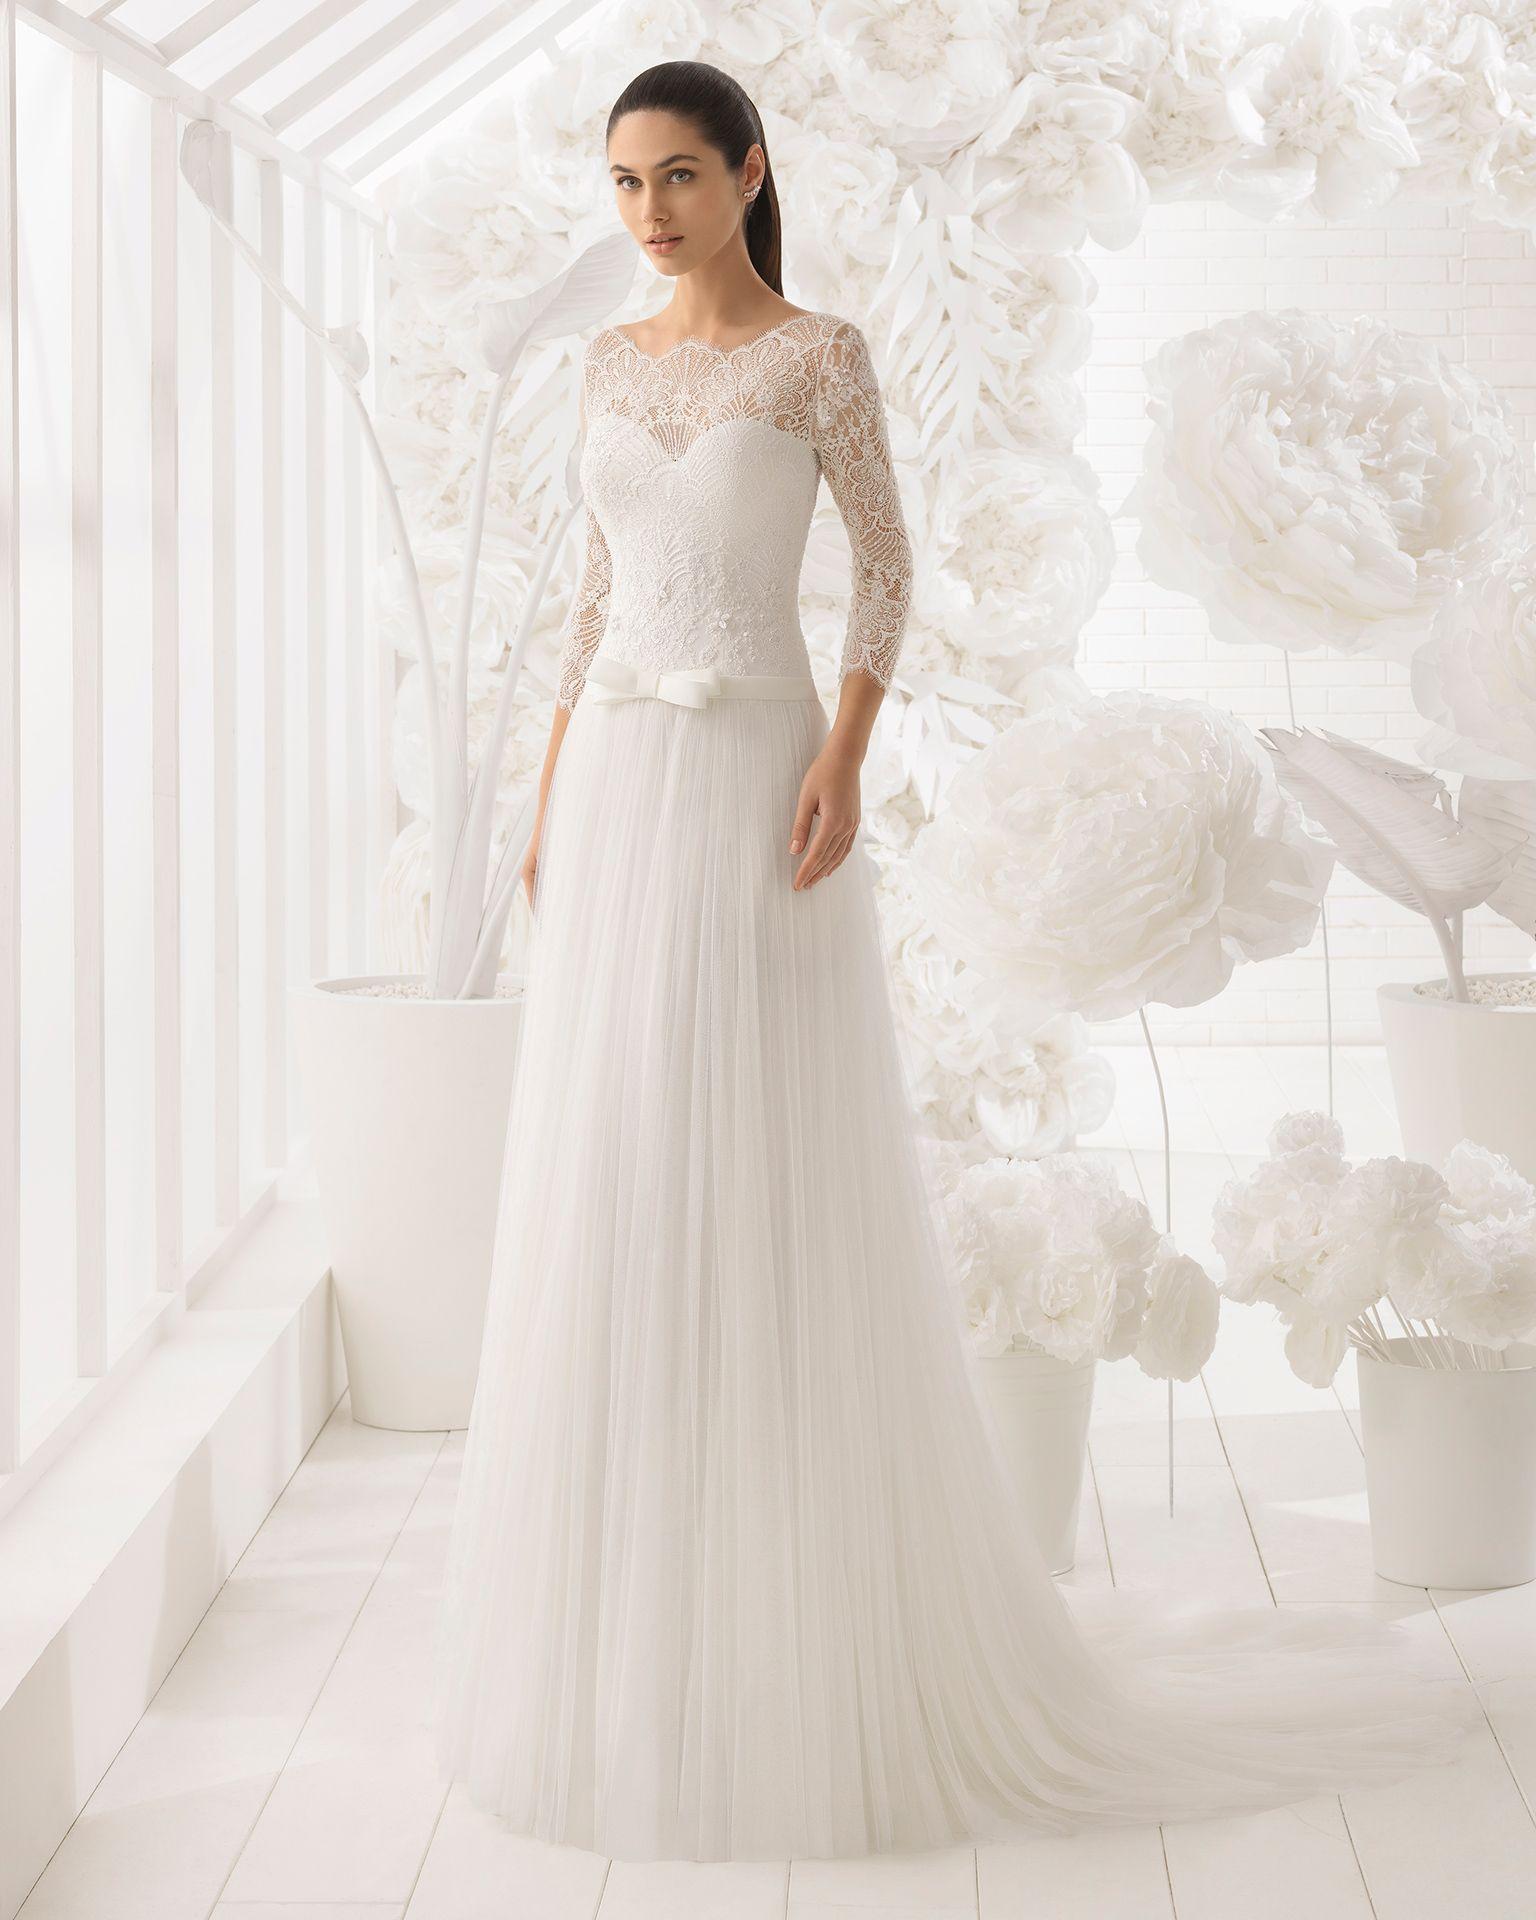 Una mujer vestida de novia